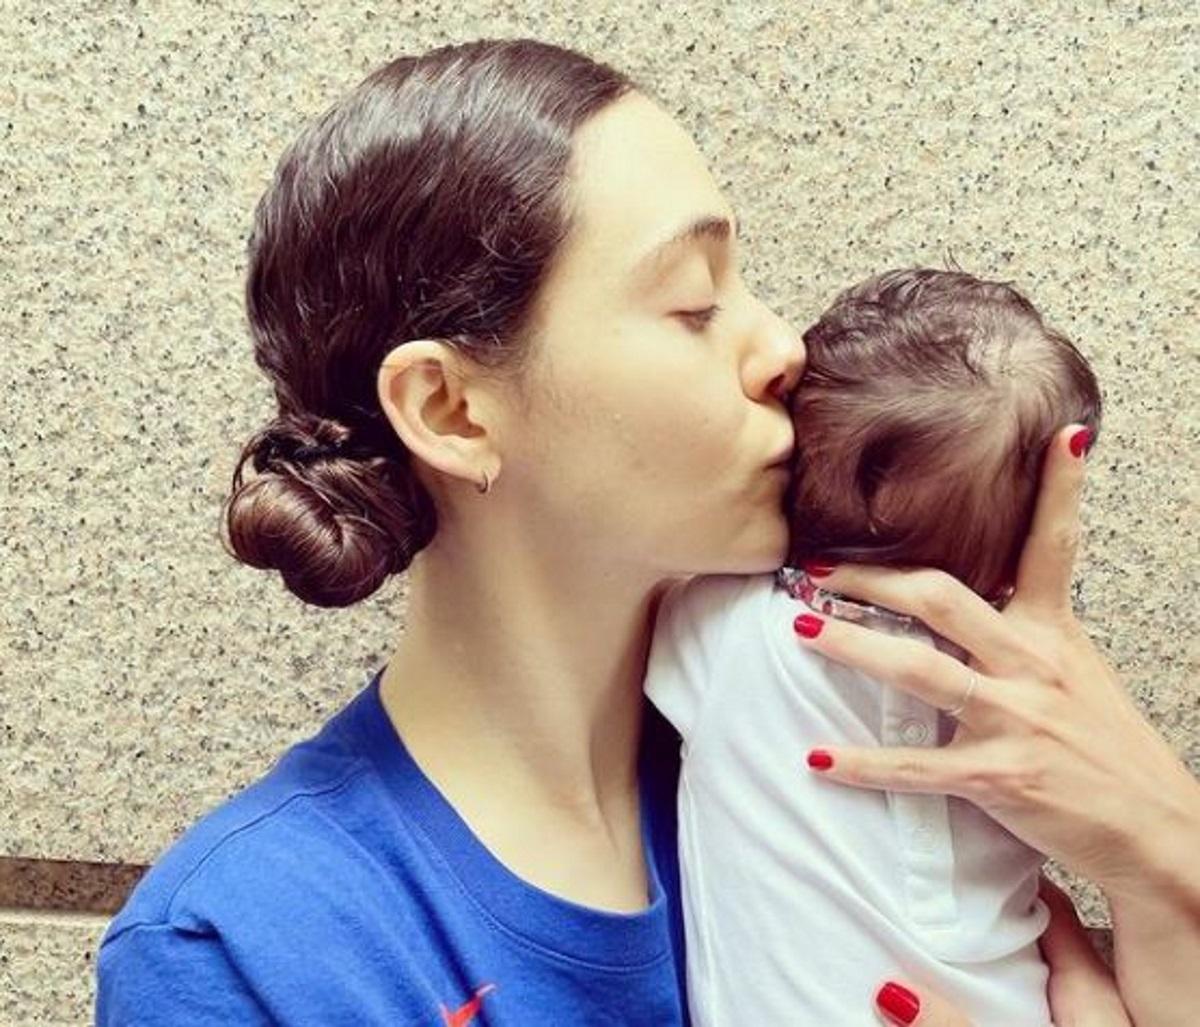 Έμι Ρόσουμ: Φωτογραφίζεται με τη νεογέννητη κορούλα της και παροτρύνει της εγκυμονούσες να εμβολιαστούν